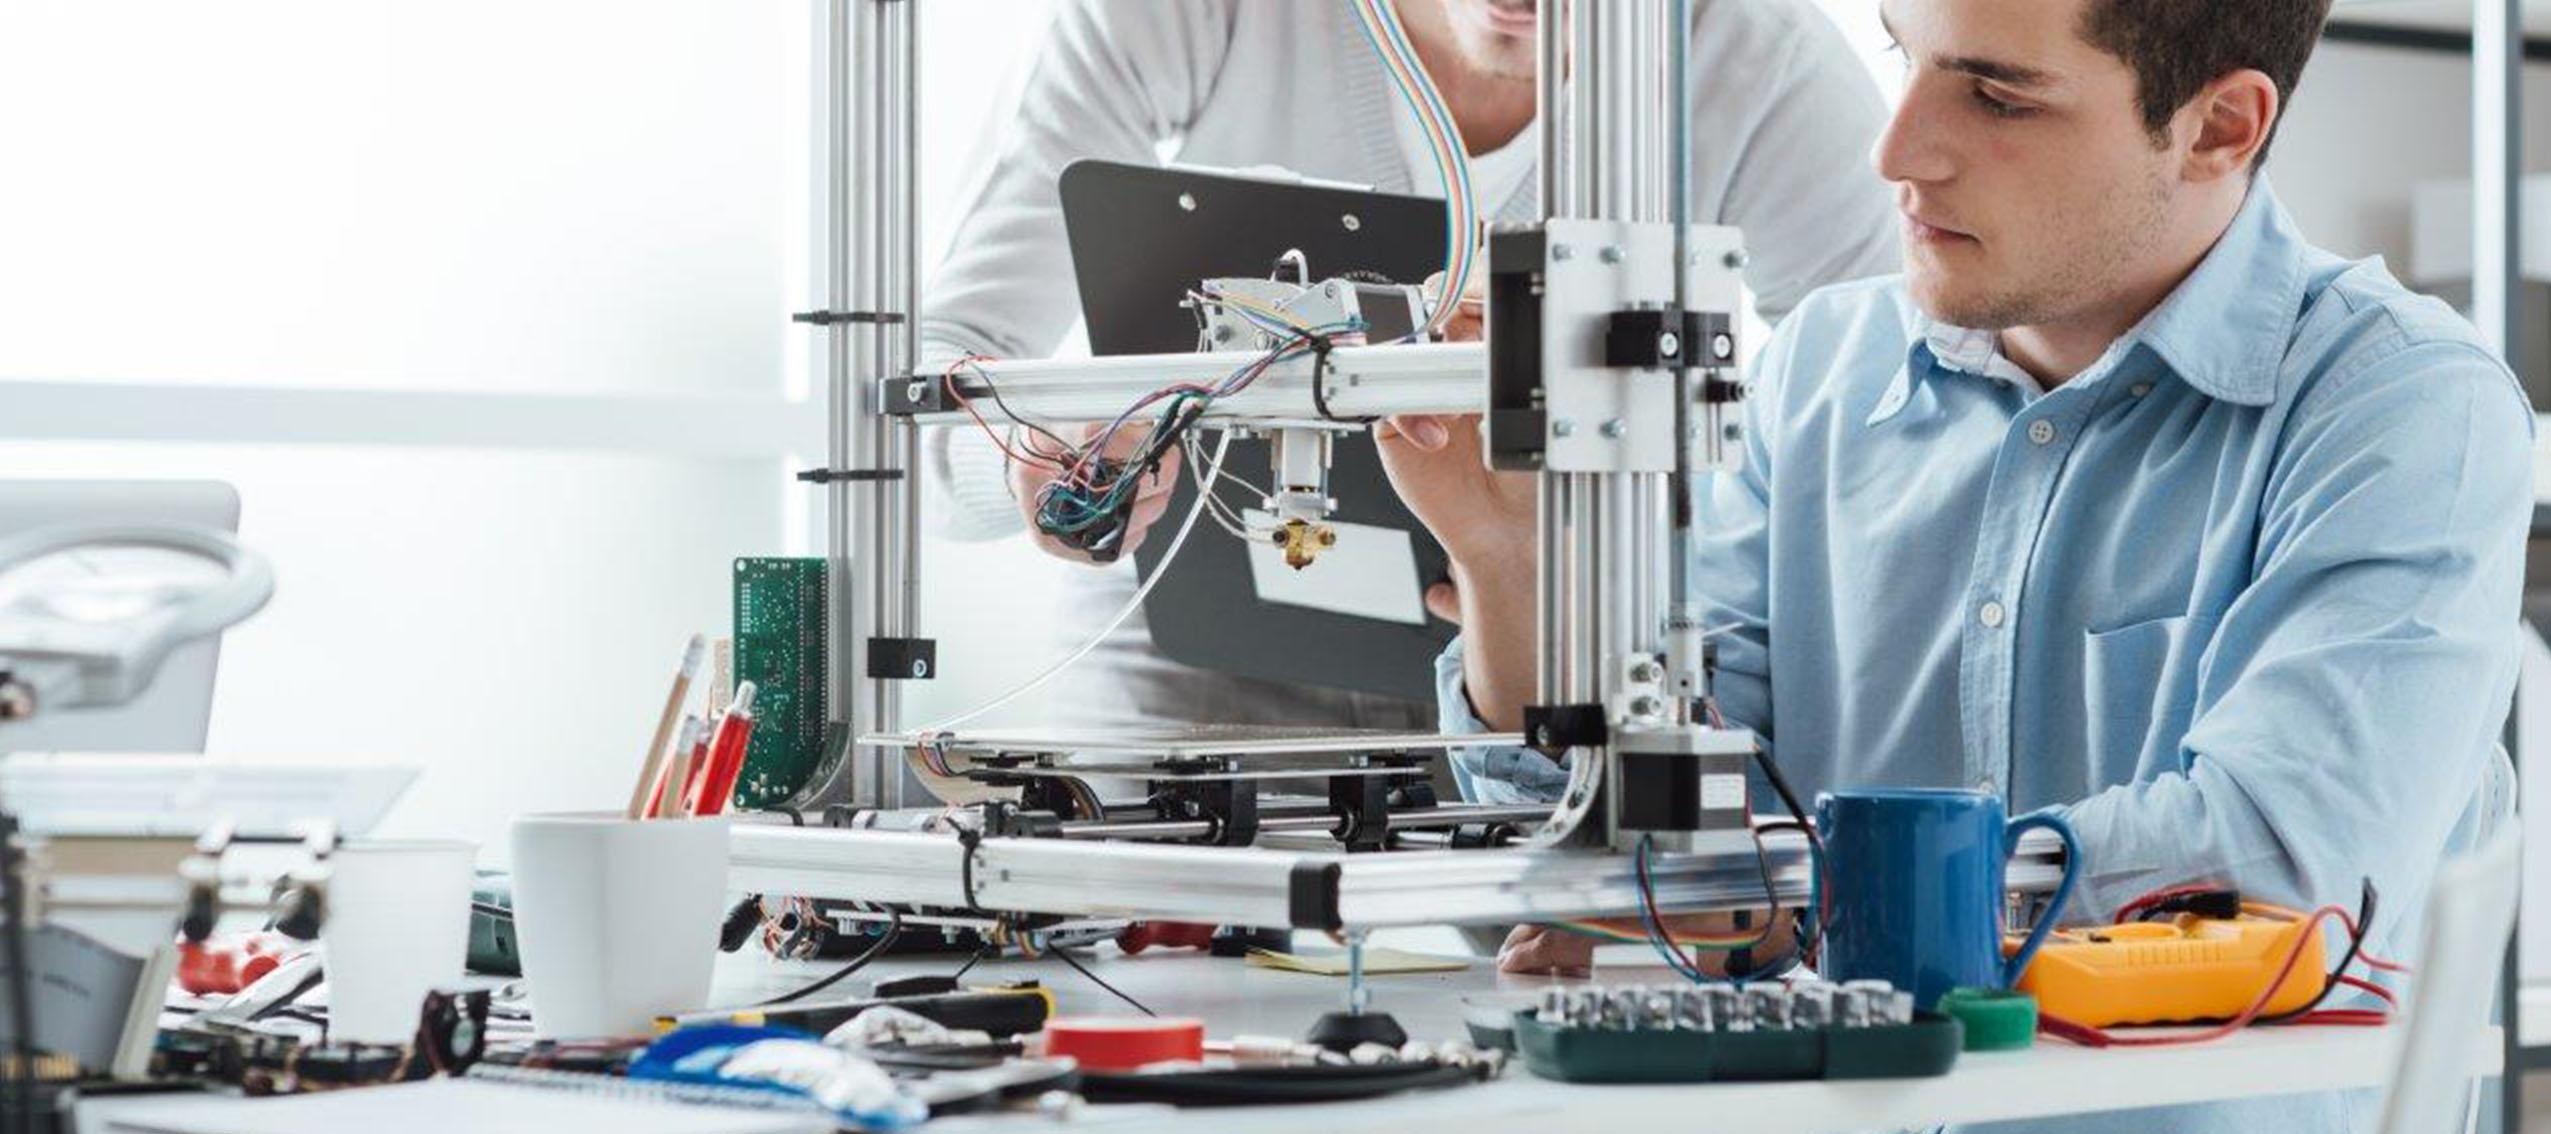 Nace OPENMAKER, una comunidad de fabricantes y makers para colaborar y estimular la innovación en la fabricación